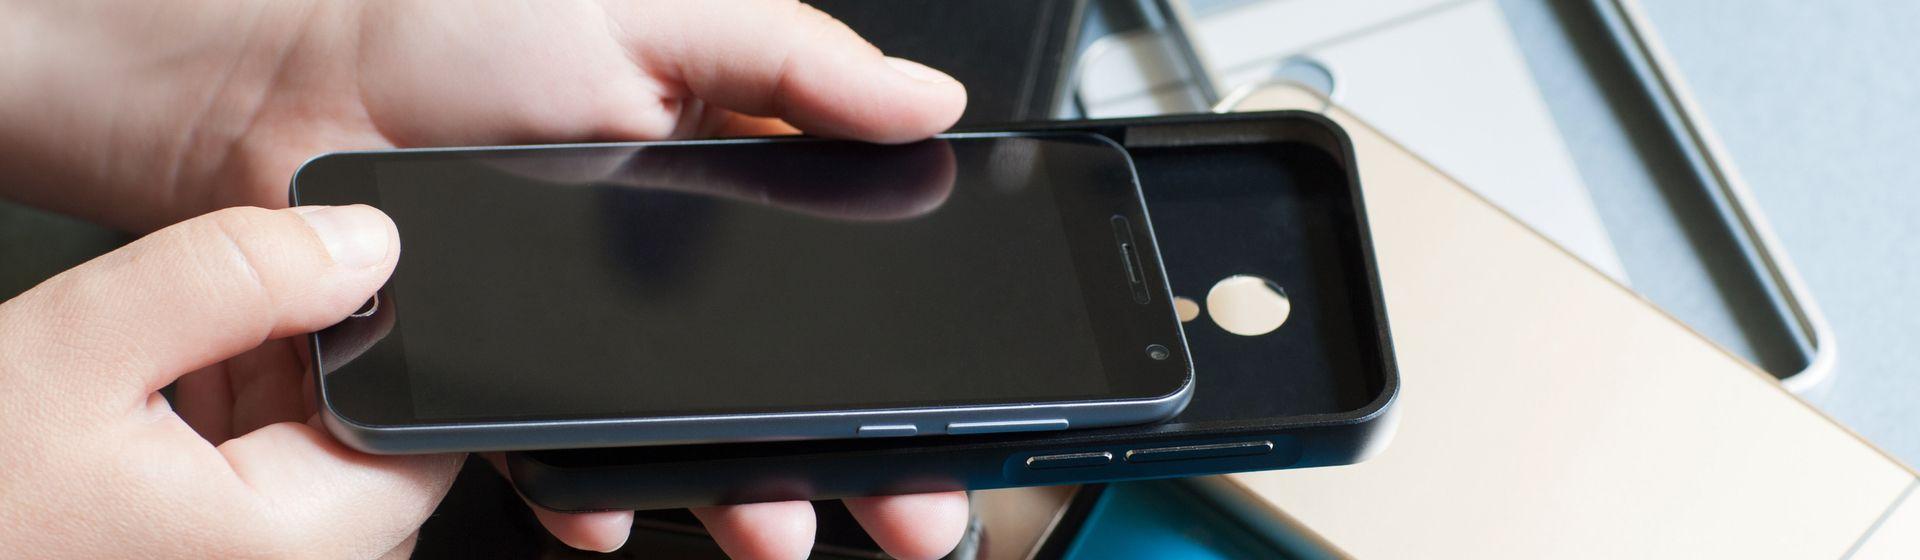 Como escolher capinha de celular? Conheça os tipos mais comuns